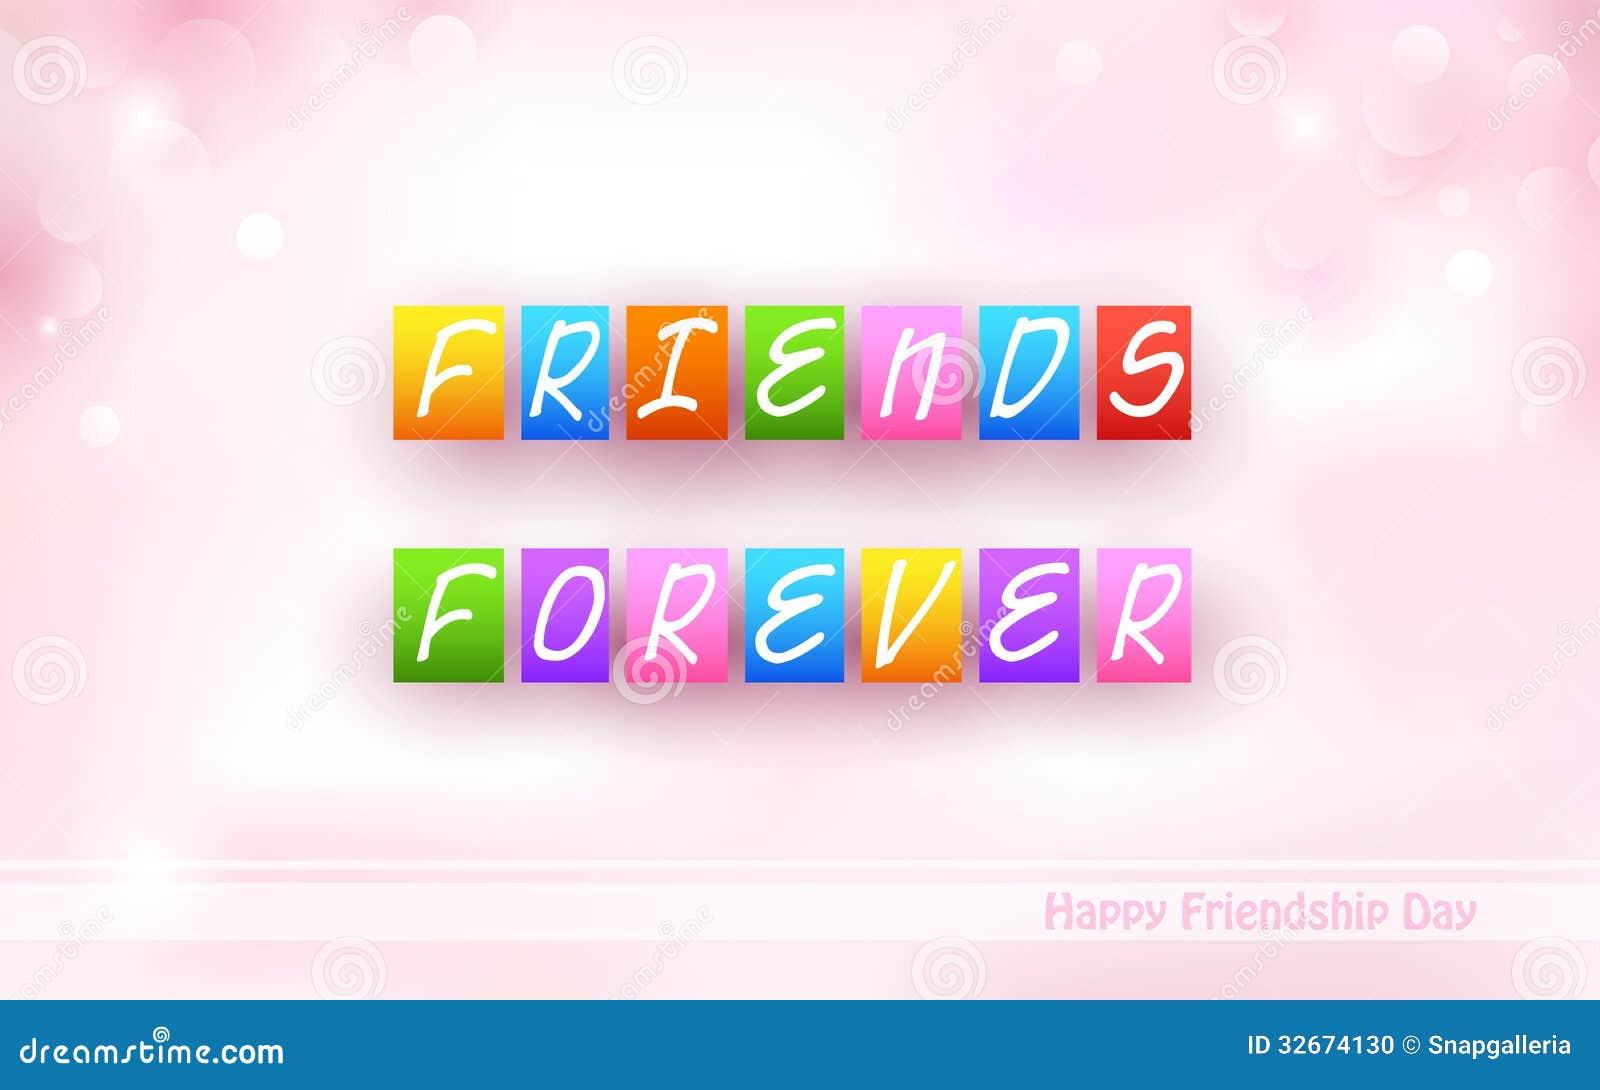 friendship presentation